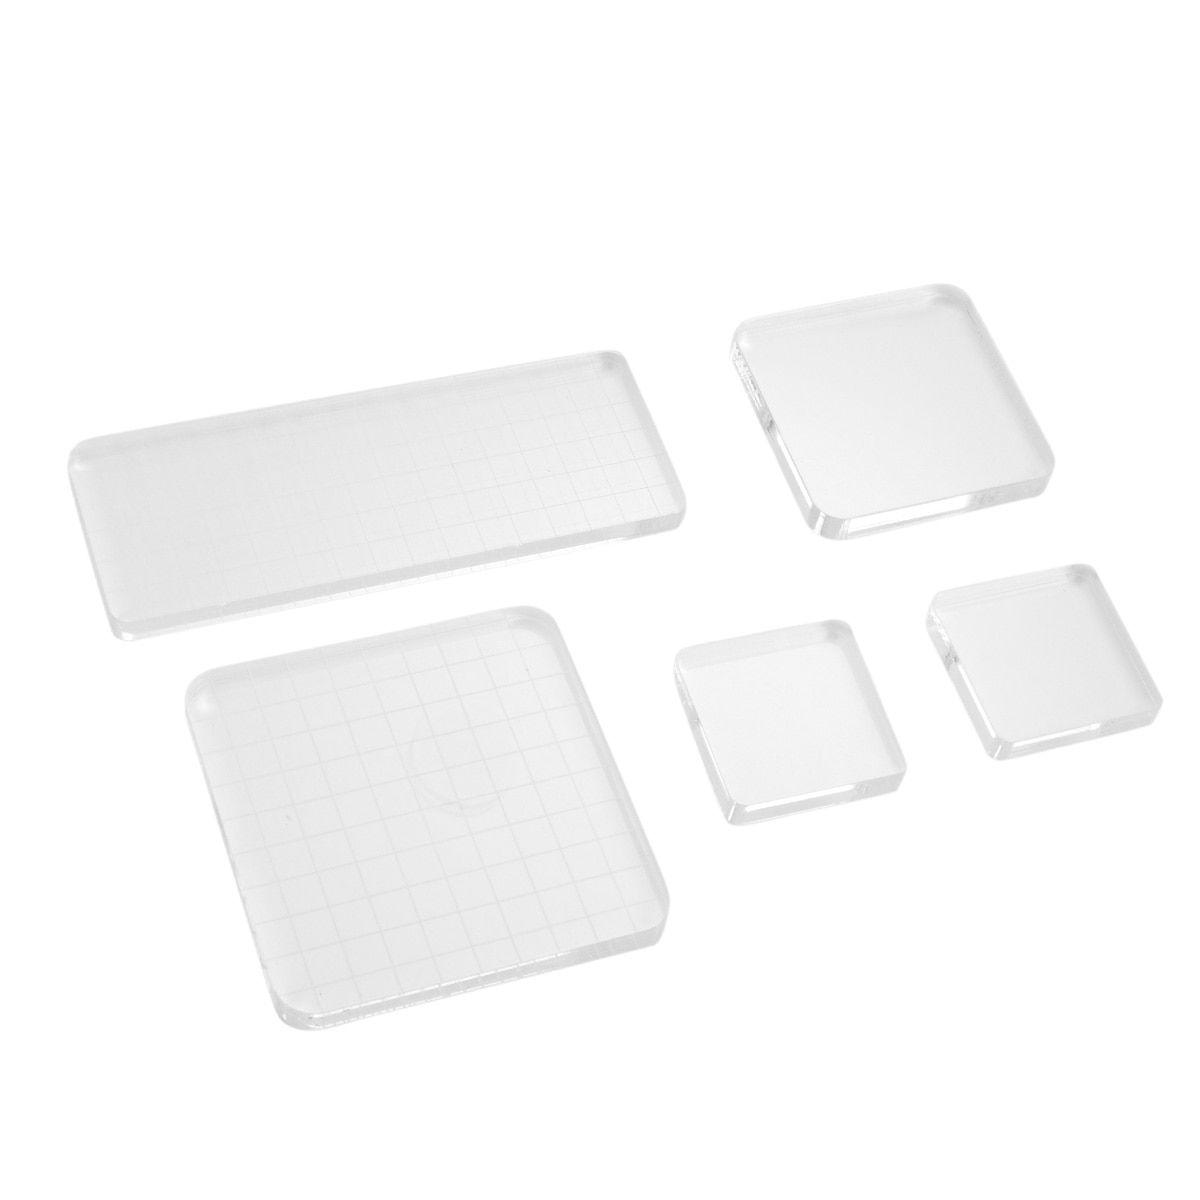 Transparent Scrapbook Clear Stamp Pad DIY Tool Supplies Acrylic Block 3 Sizes ZP